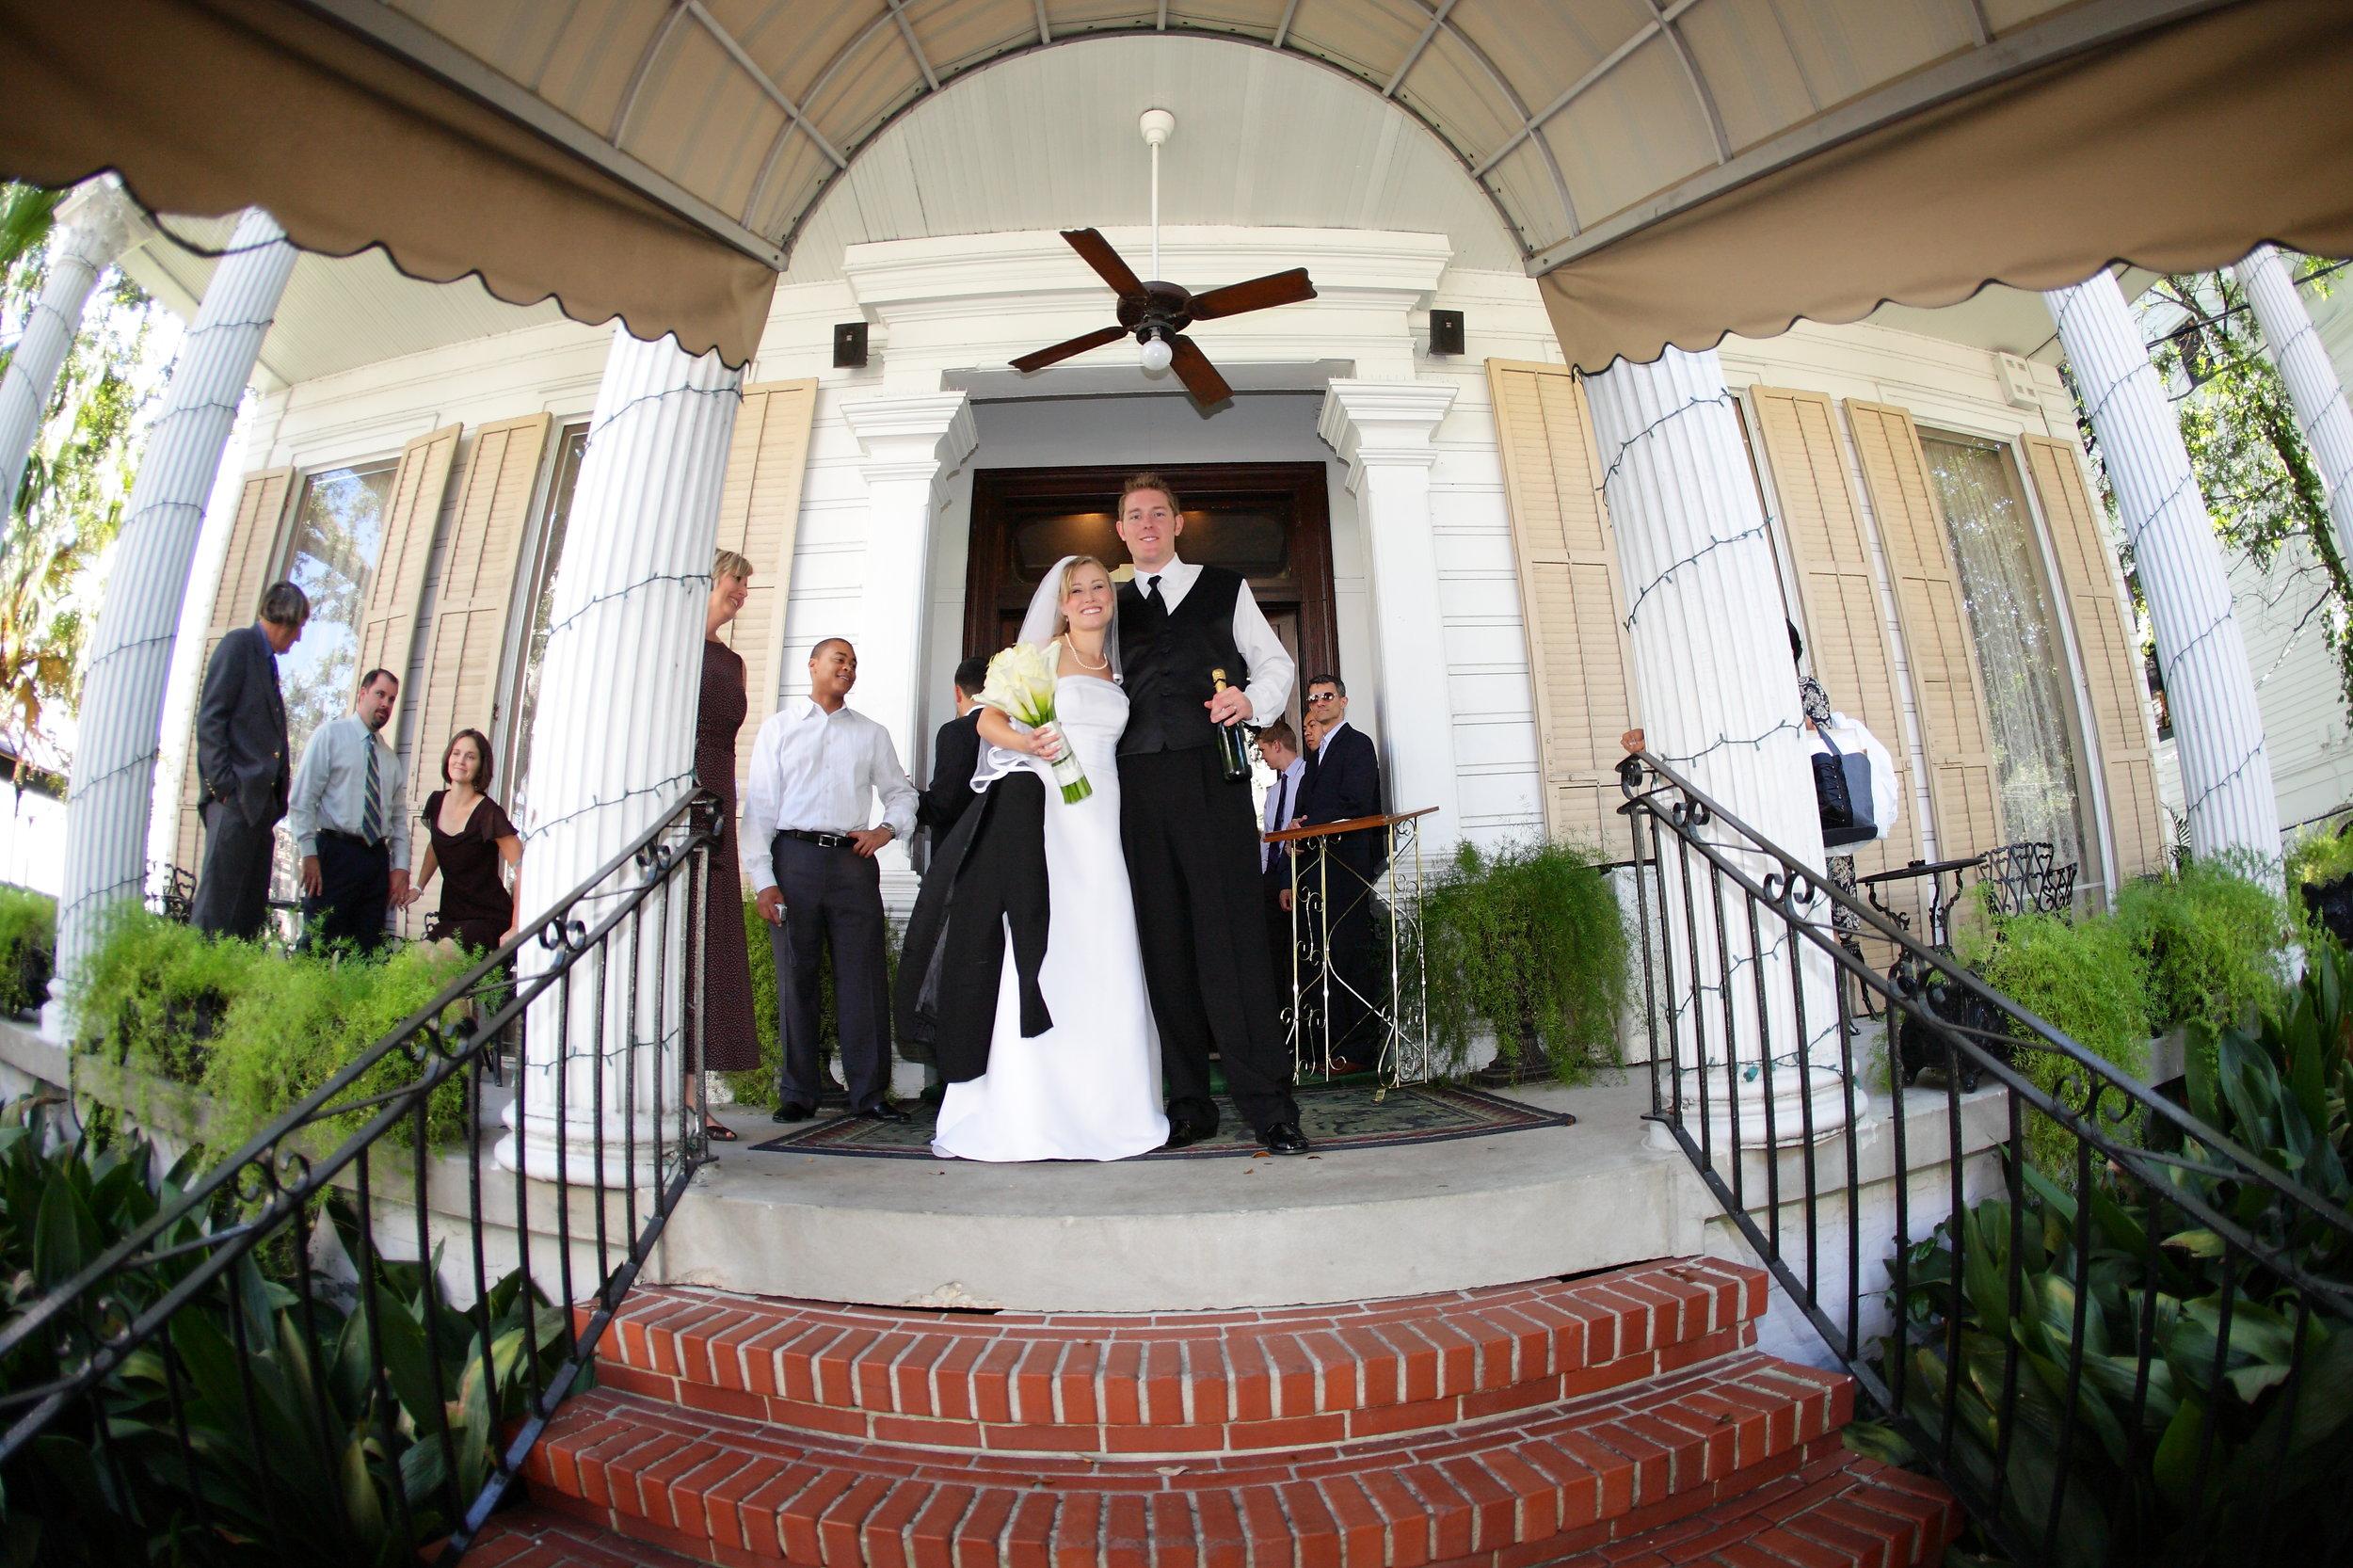 IMG_7261-nola-weddings.JPG